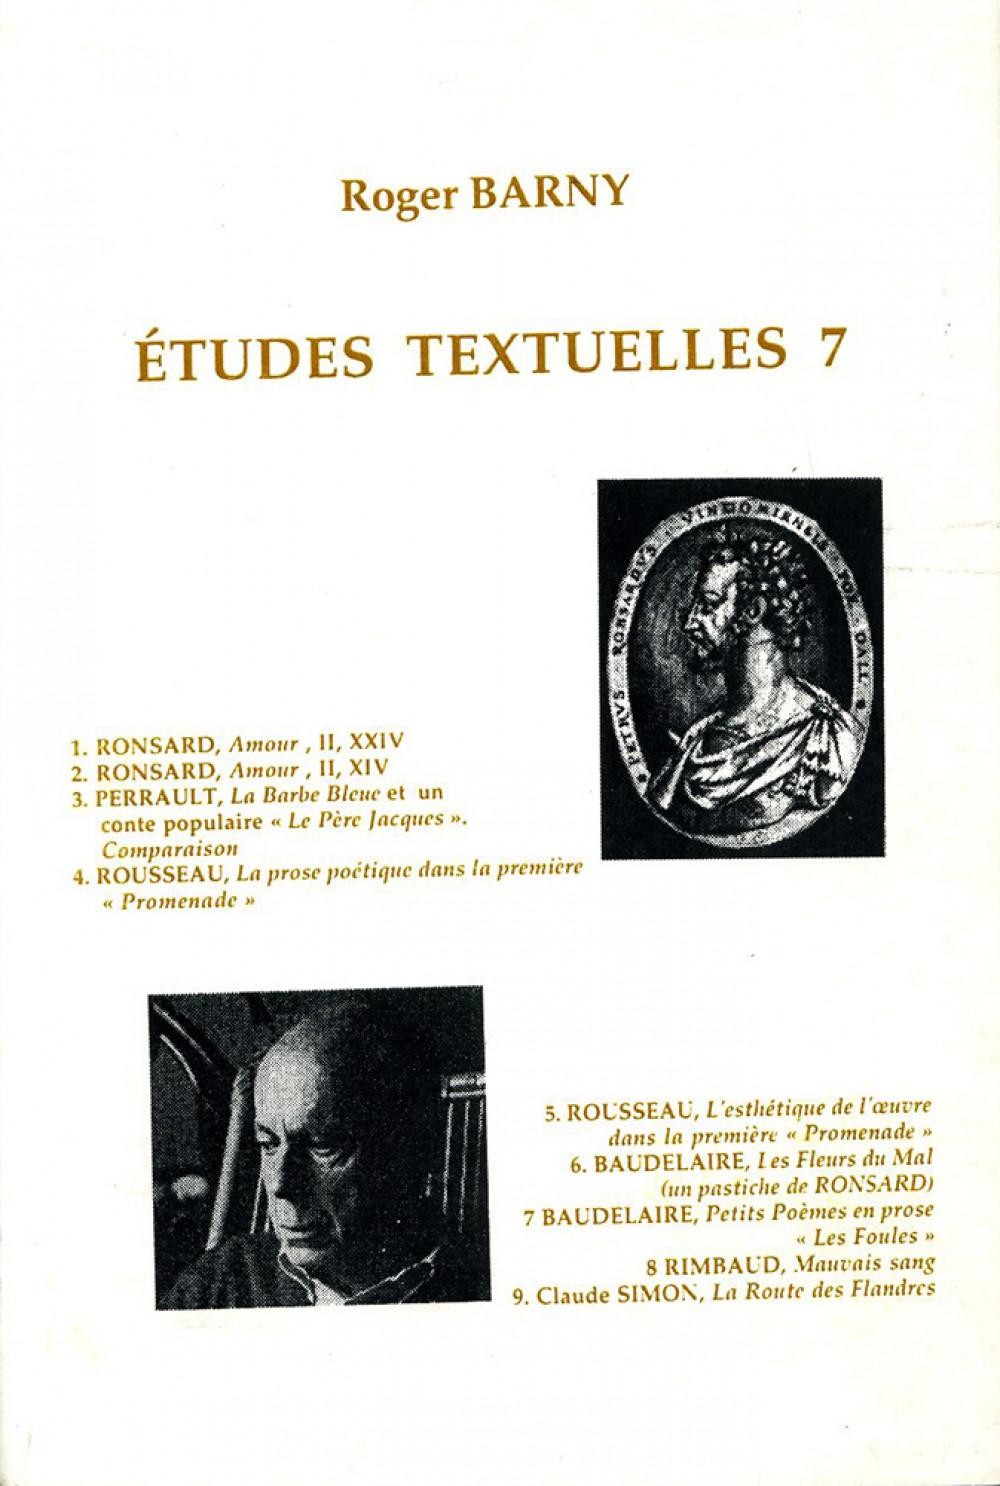 Etudes textuelles 7